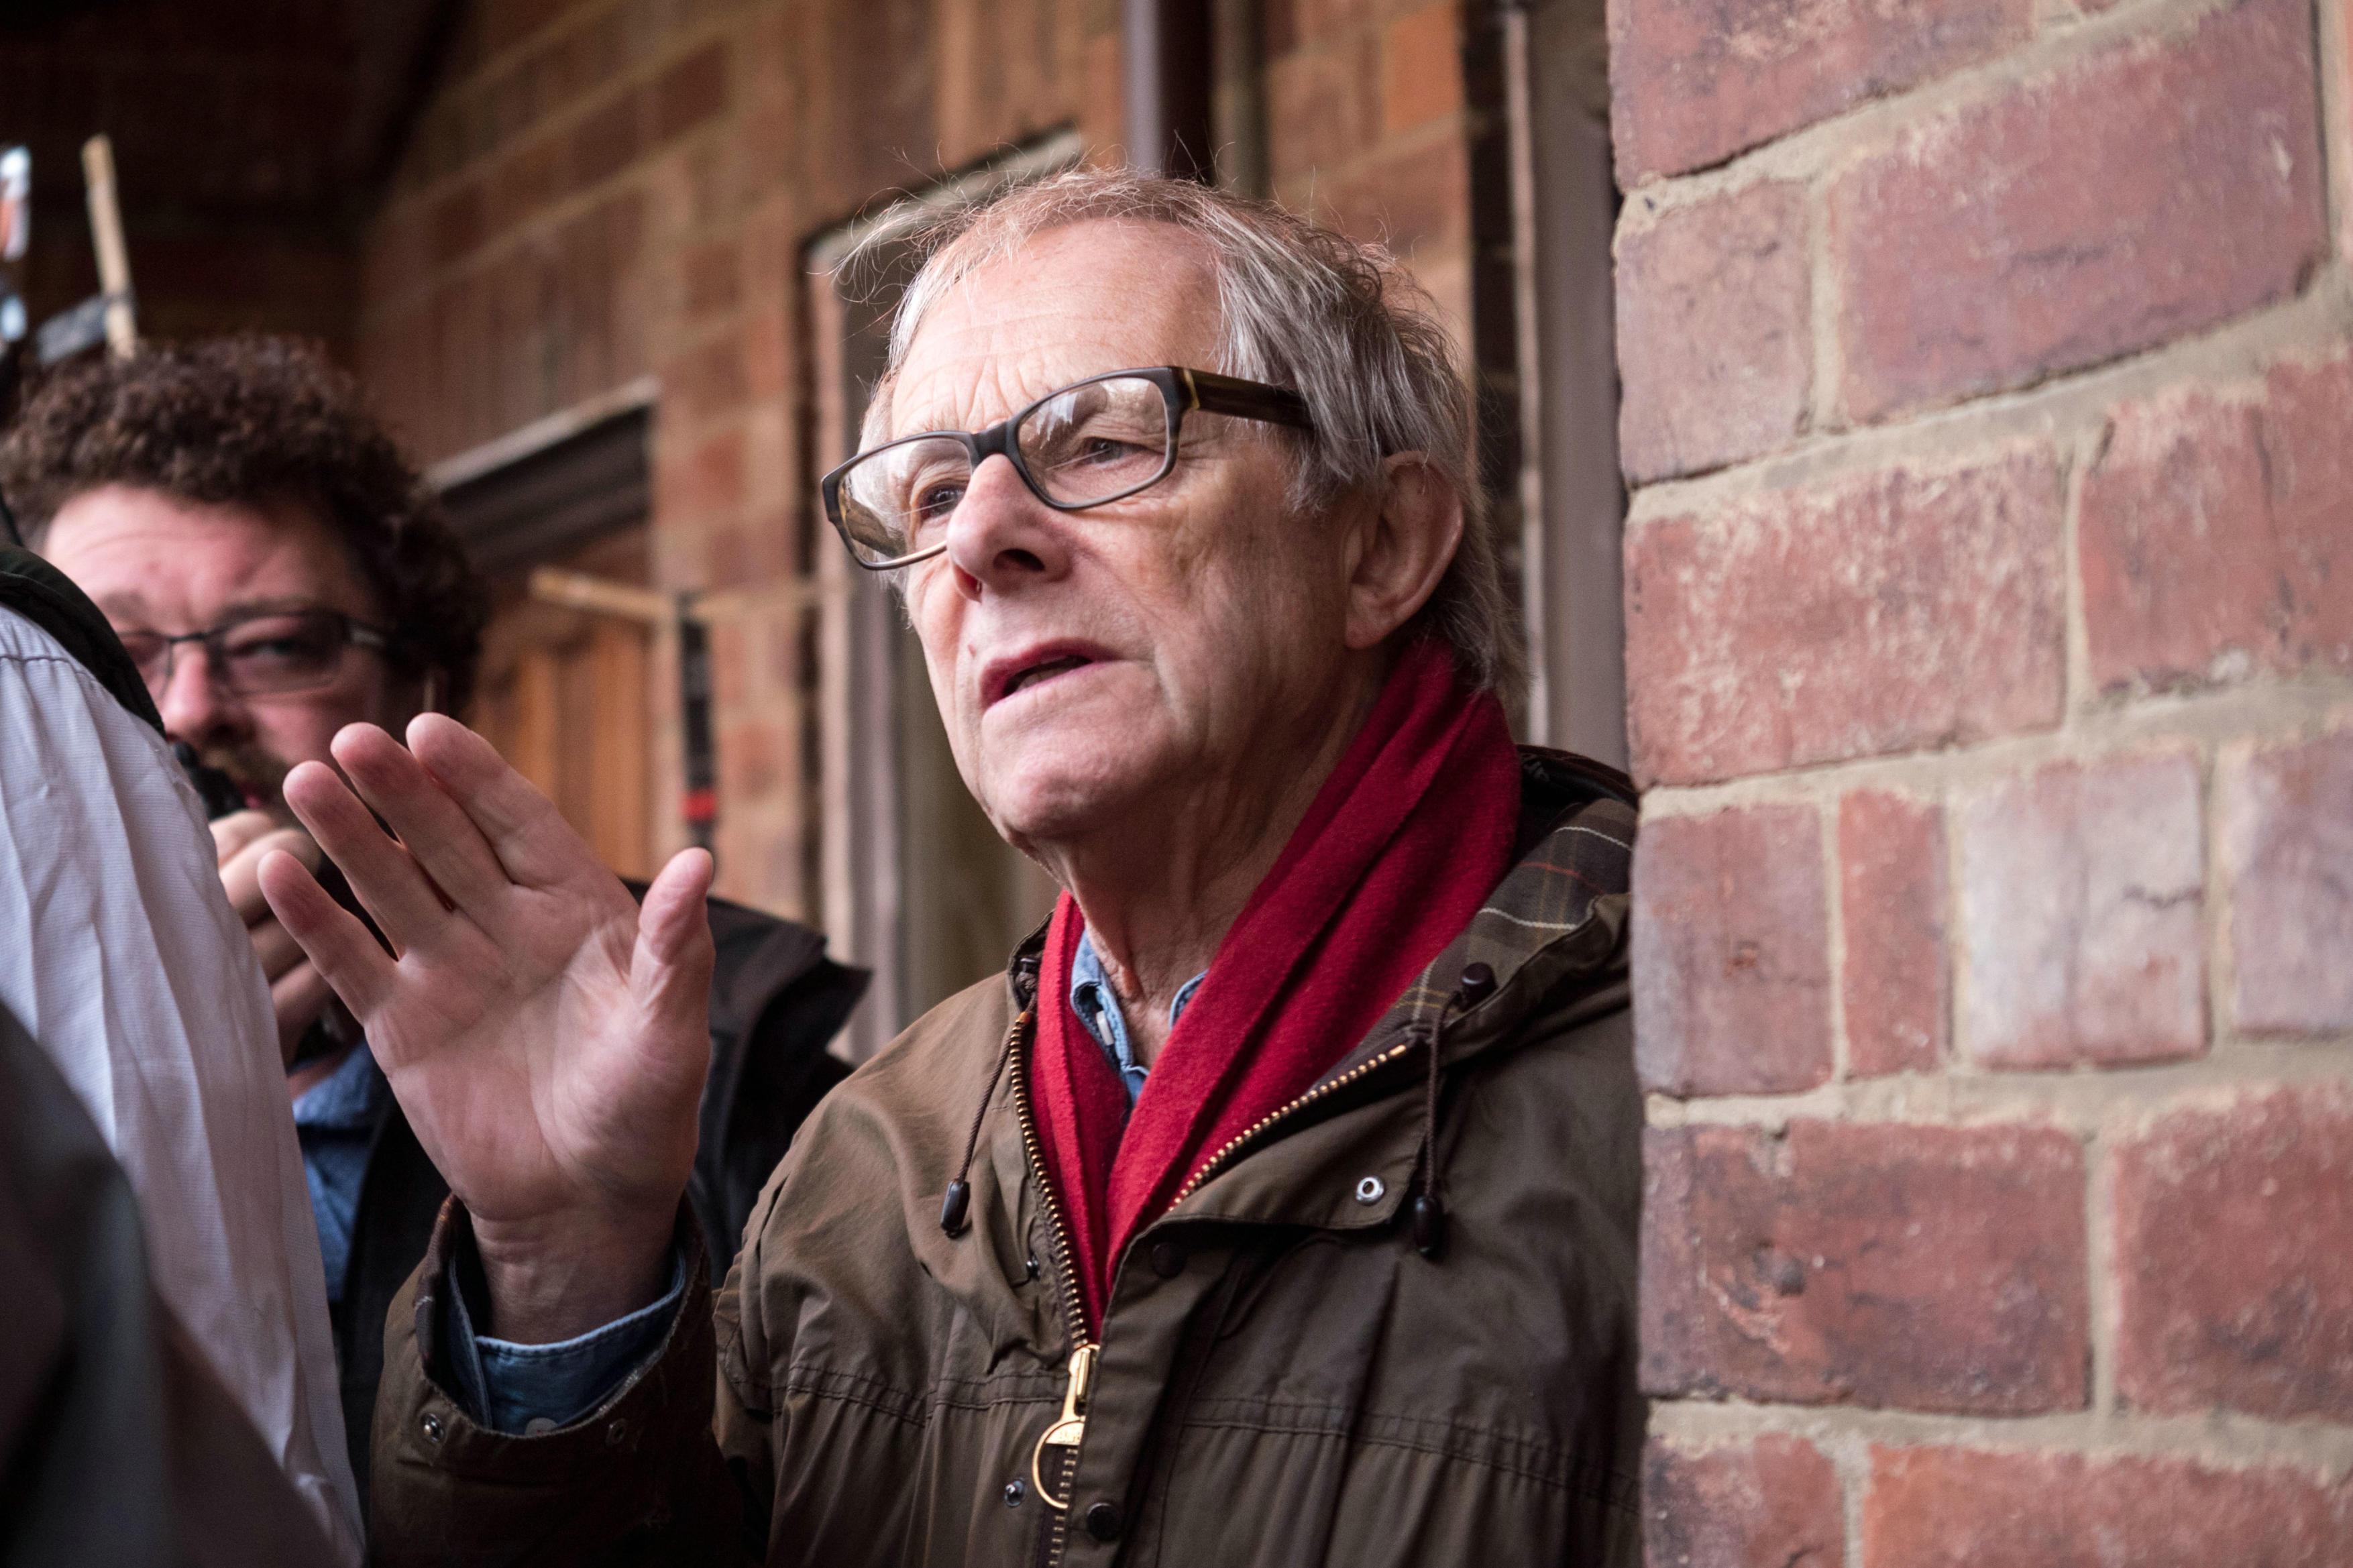 O diretor Ken Loach, 80 anos, vencedor de duas Palmas de Ouro, recebeu sua segunda indicação de Diretor no BAFTA (pic by moviepilot.de)